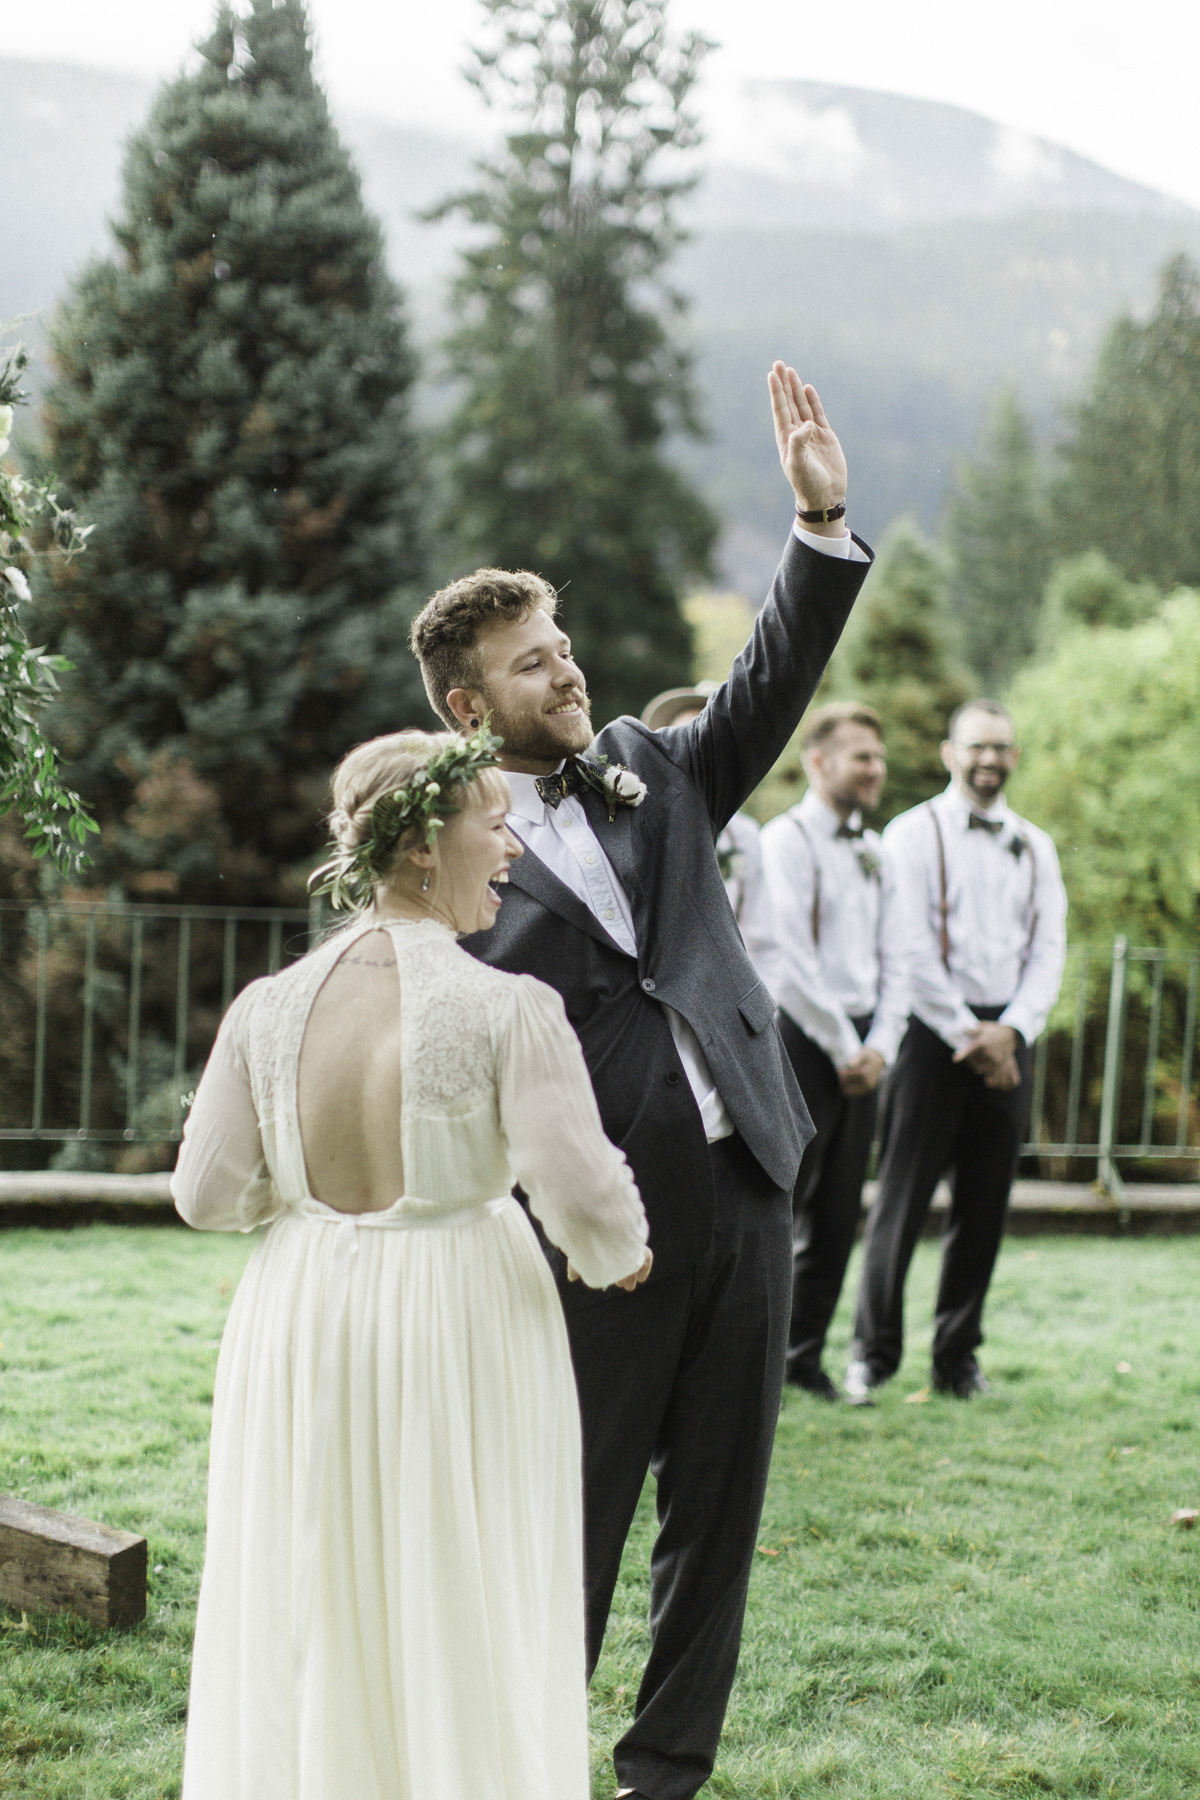 Matt-and-Chelsey-Nelson-wedding-11.jpg